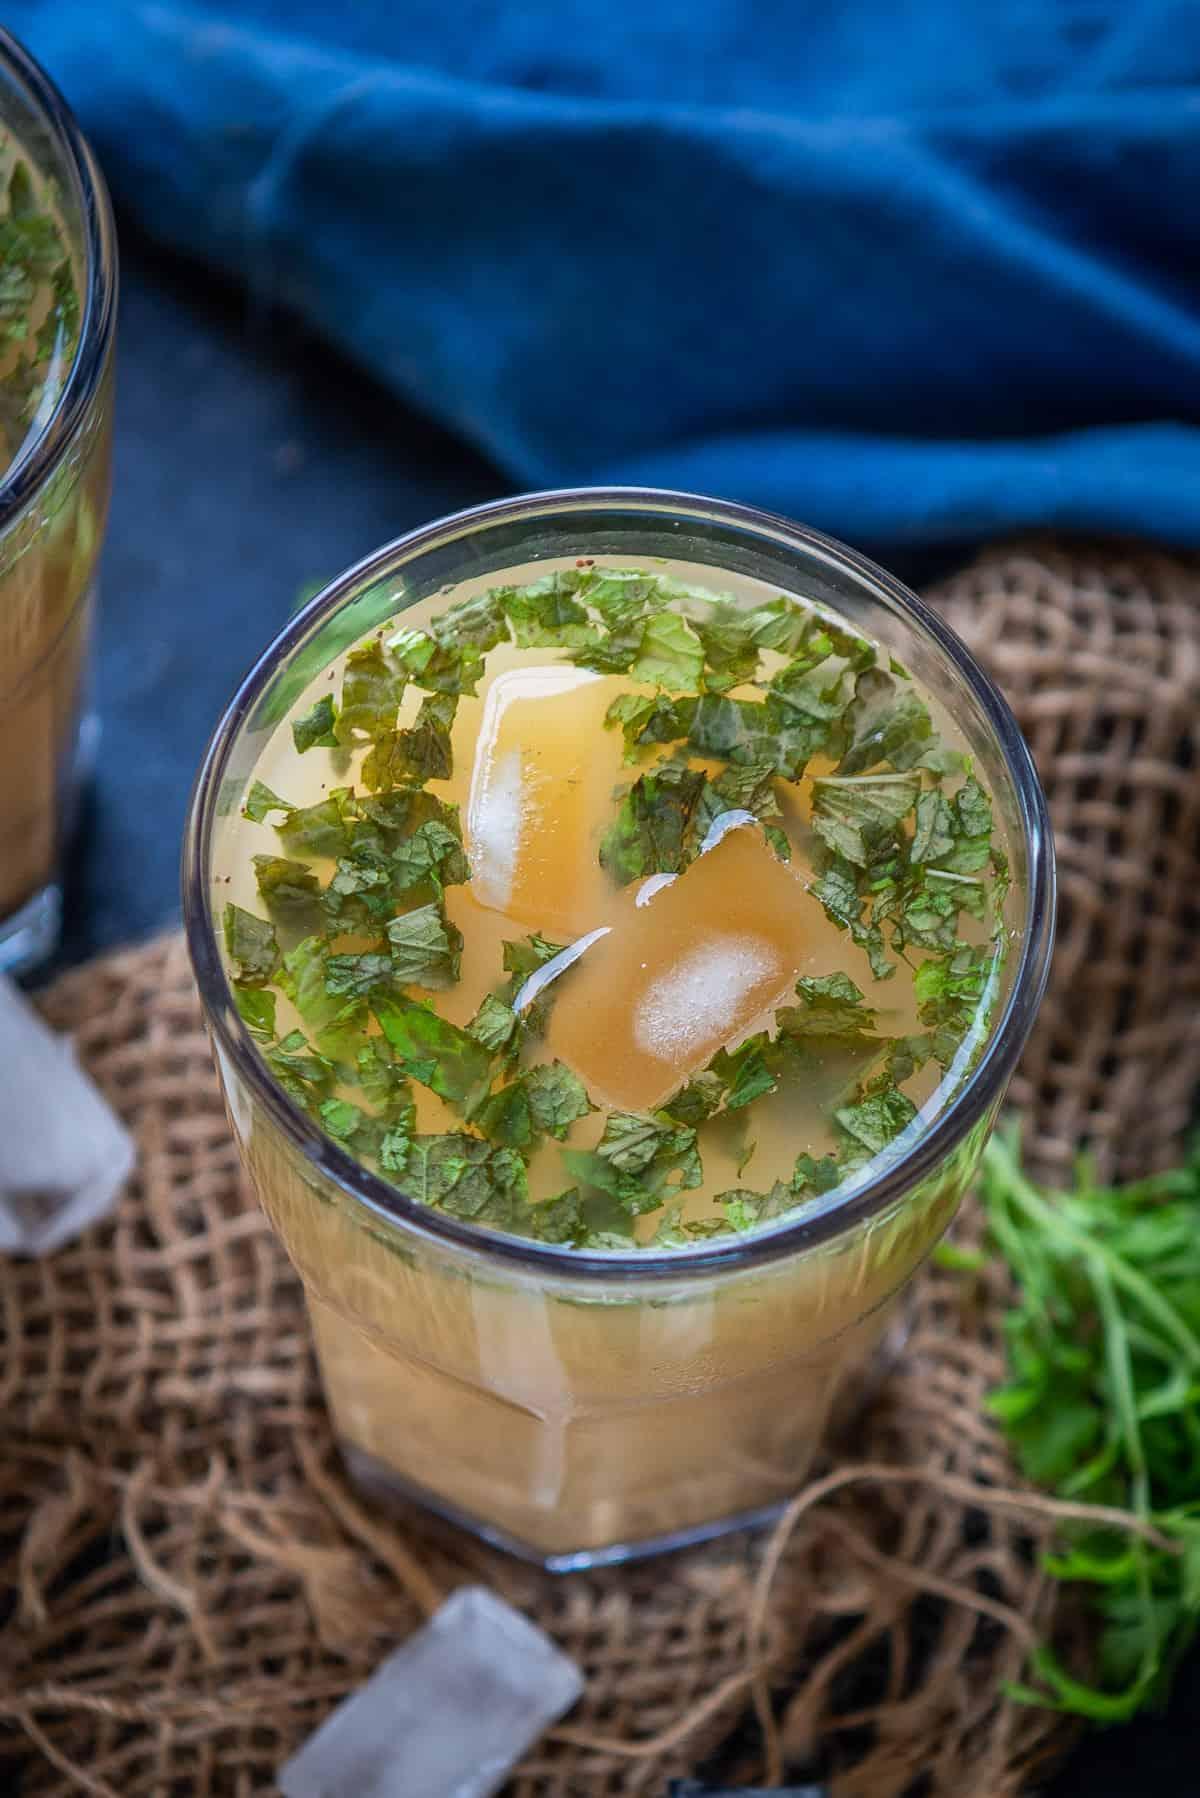 Sattu Drink served in a glass.